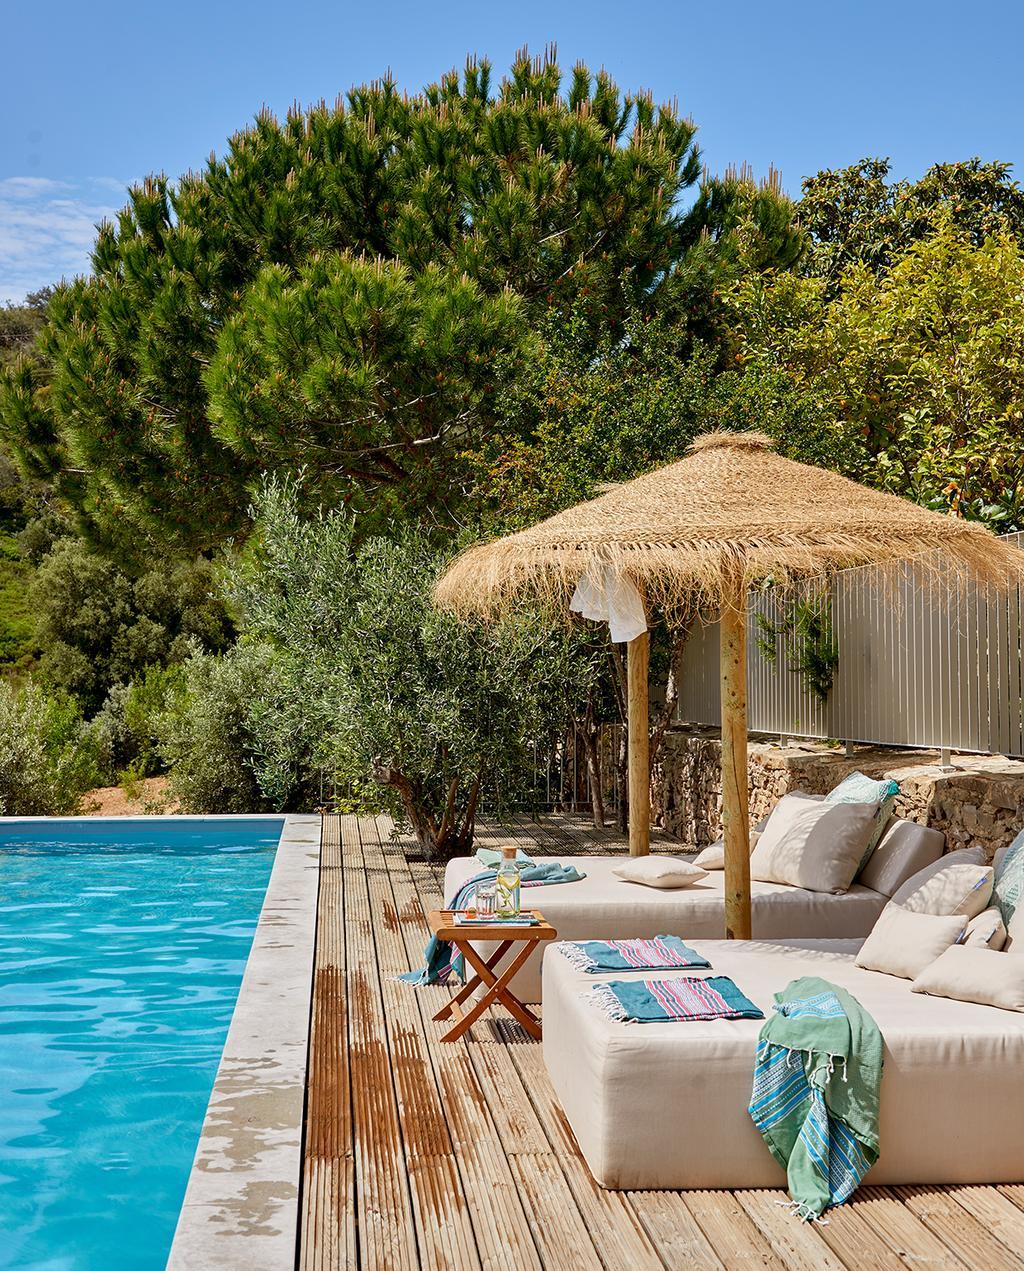 vtwonen tuin special 2 2020 | zwembad met ligbedden Buitenkijken Corotelo